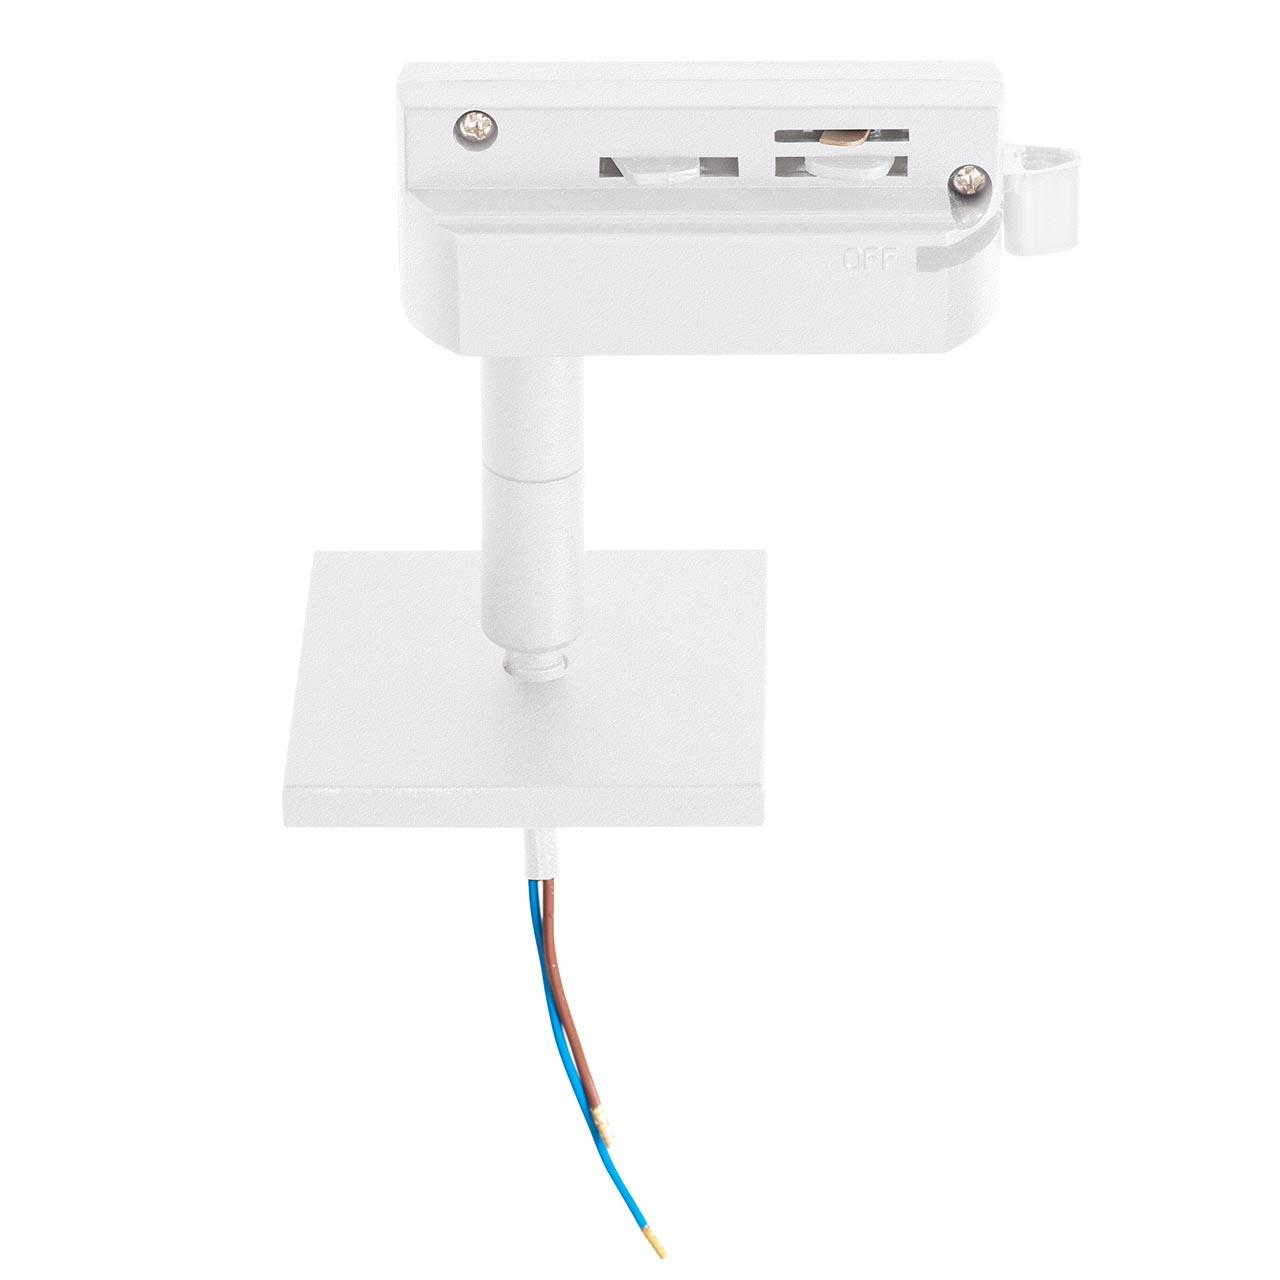 Адаптер для шинопровода Lightstar 592256 Asta (для однофазного шинопровода)